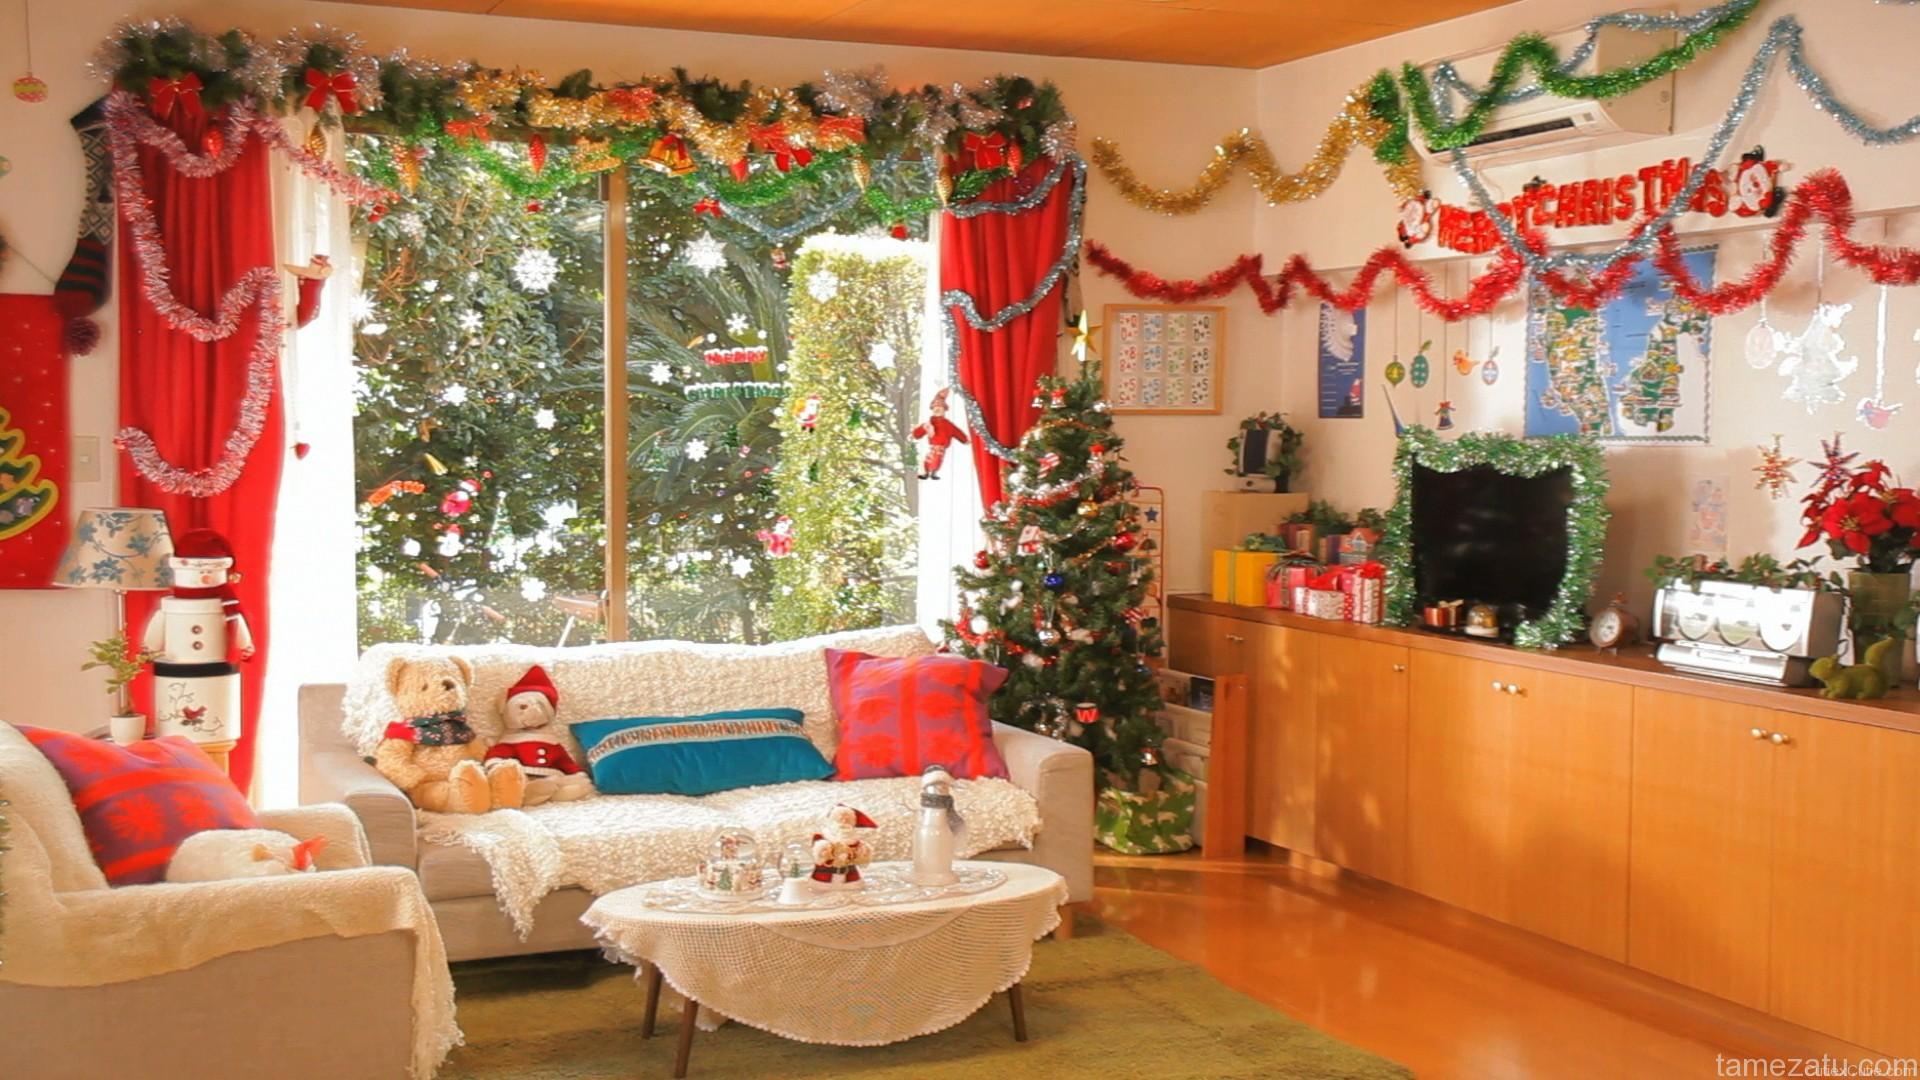 クリスマスグッズは100均で十分!大人気おすすめグッズまとめ